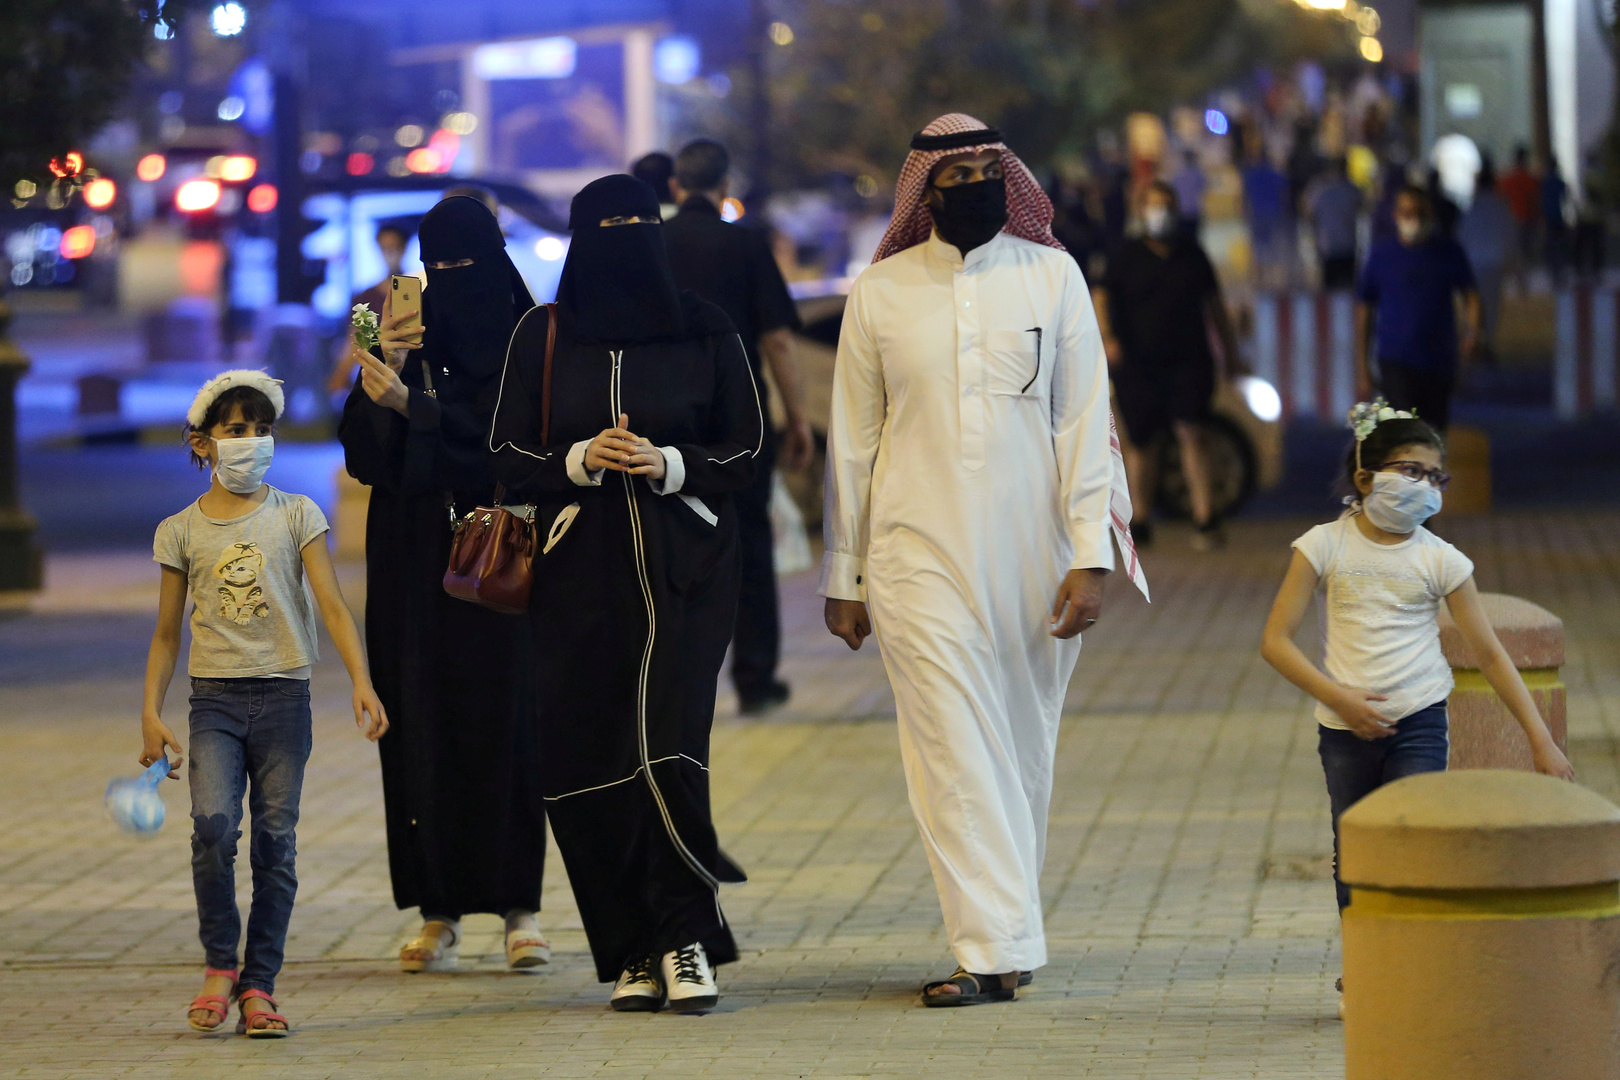 الوفيات اليومية جراء كورونا في السعودية فوق الـ50 من جديد